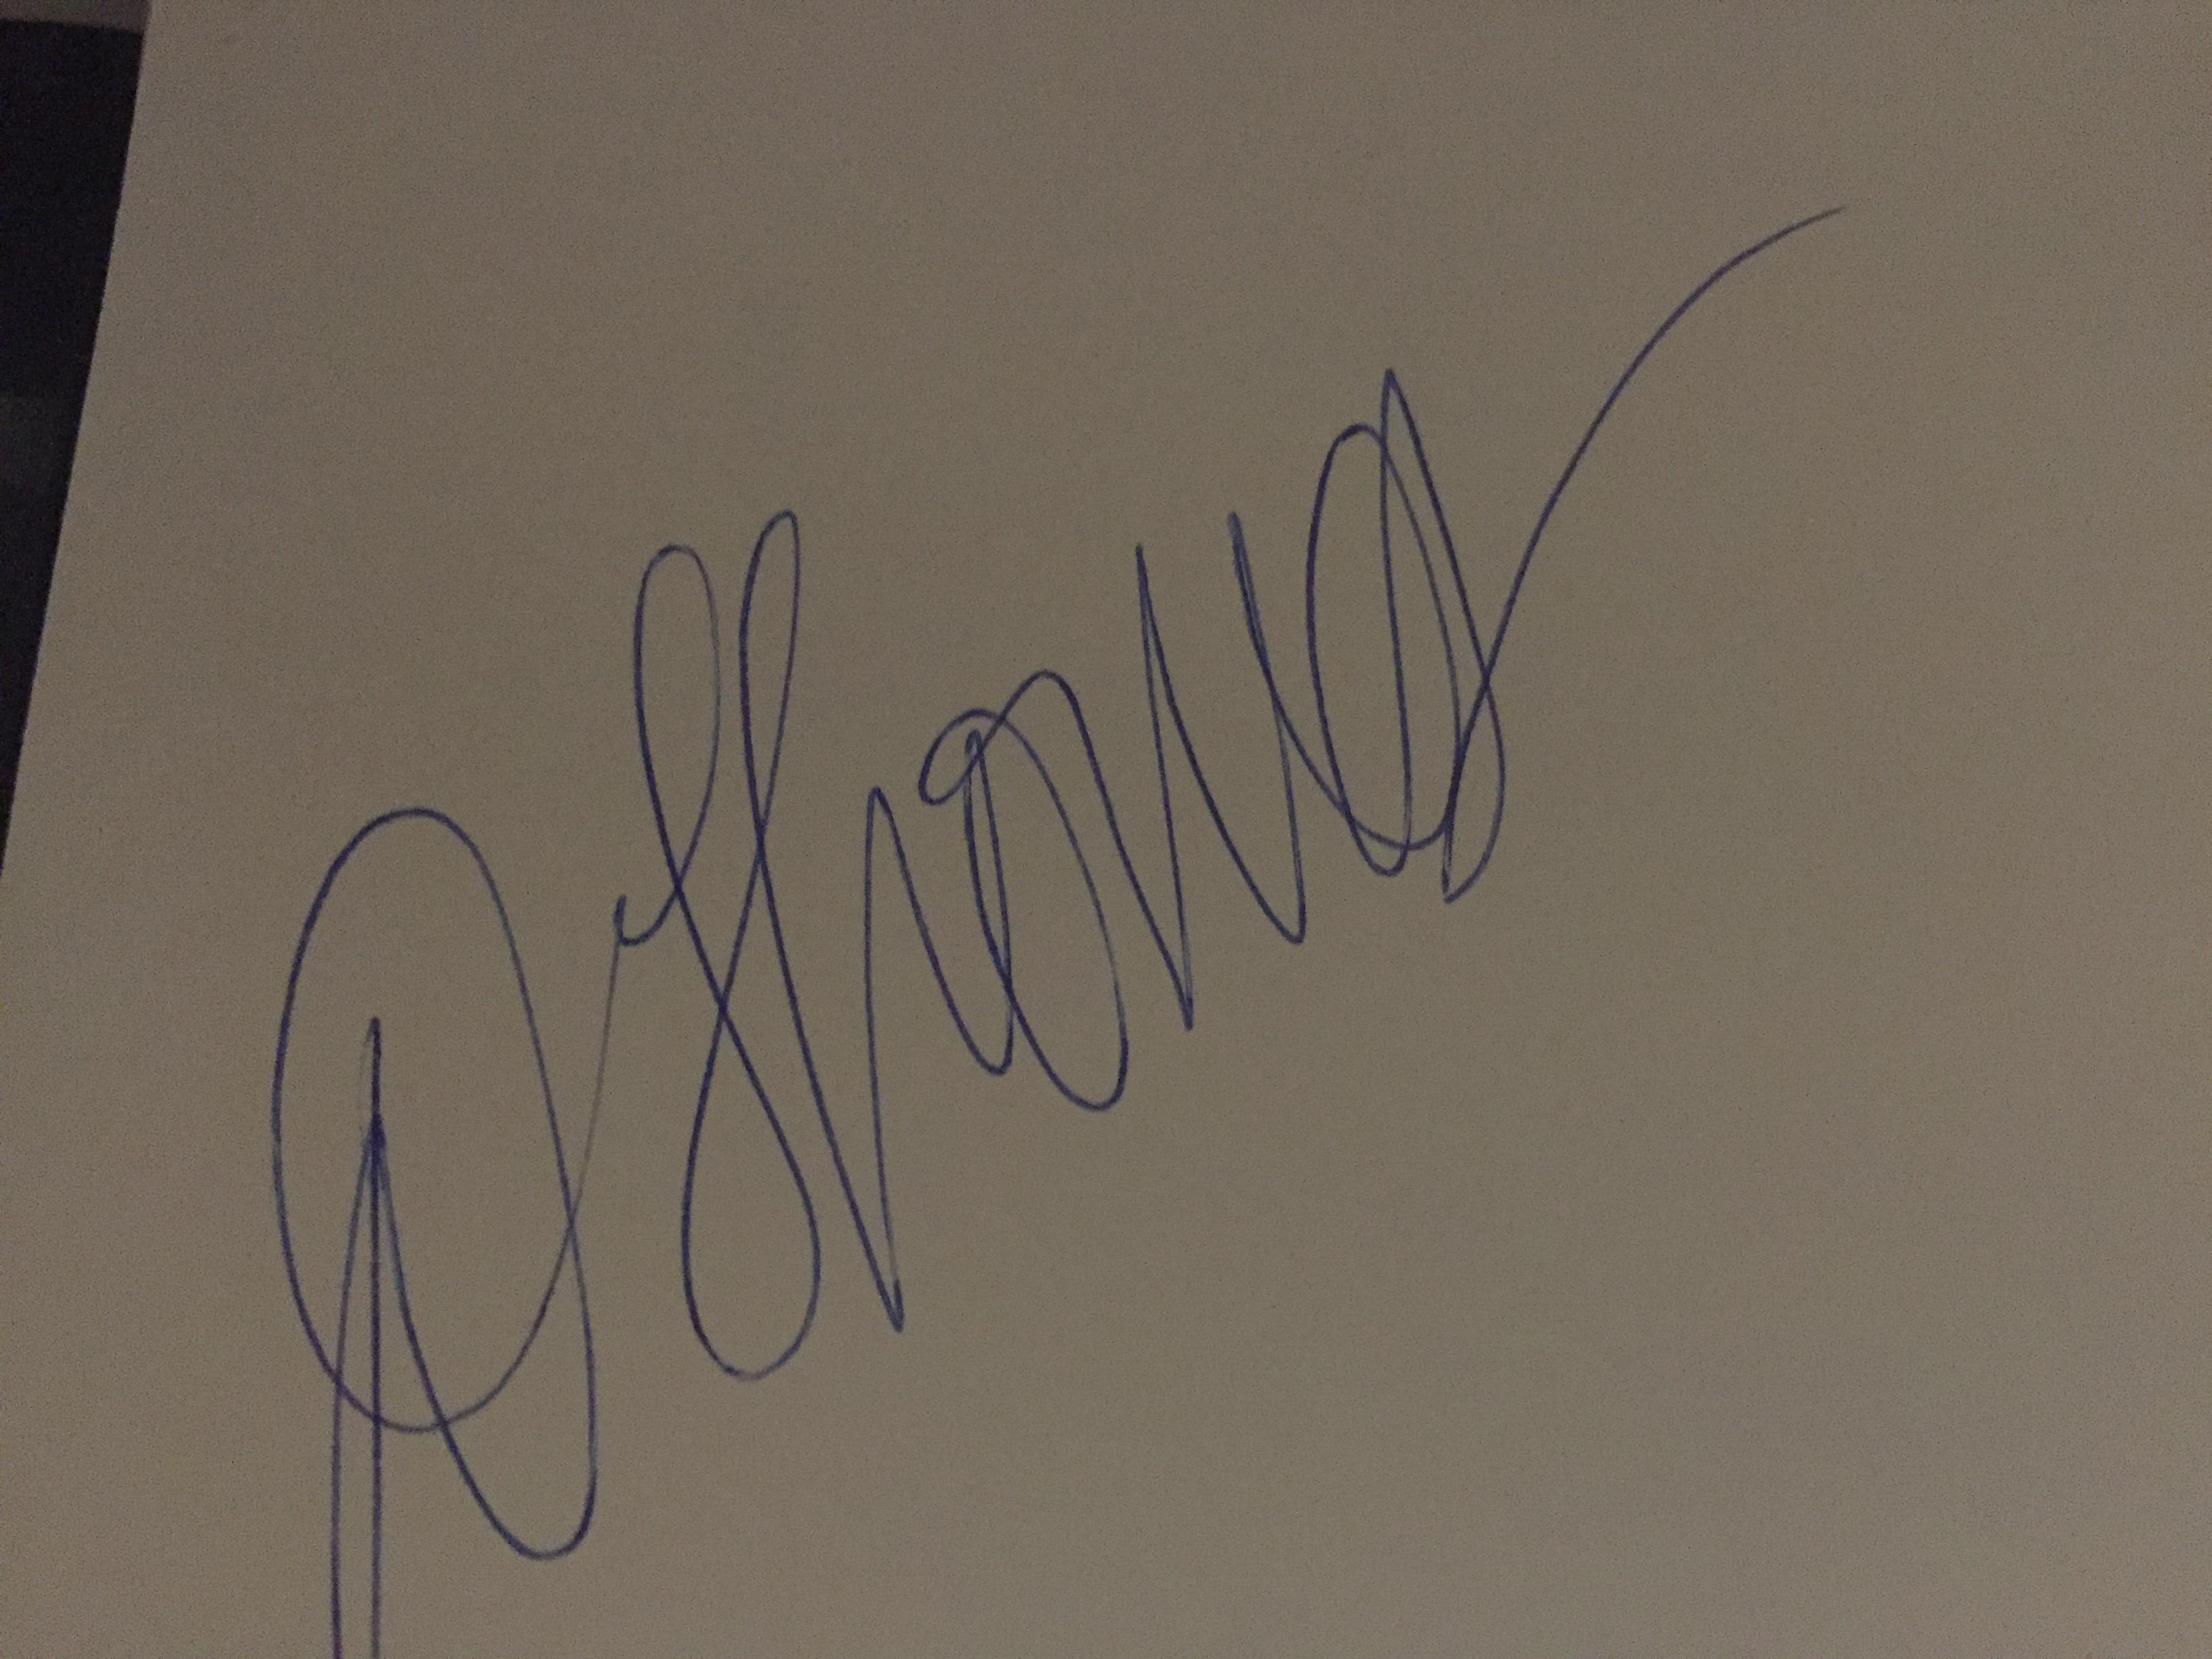 Dawn thomas Signature